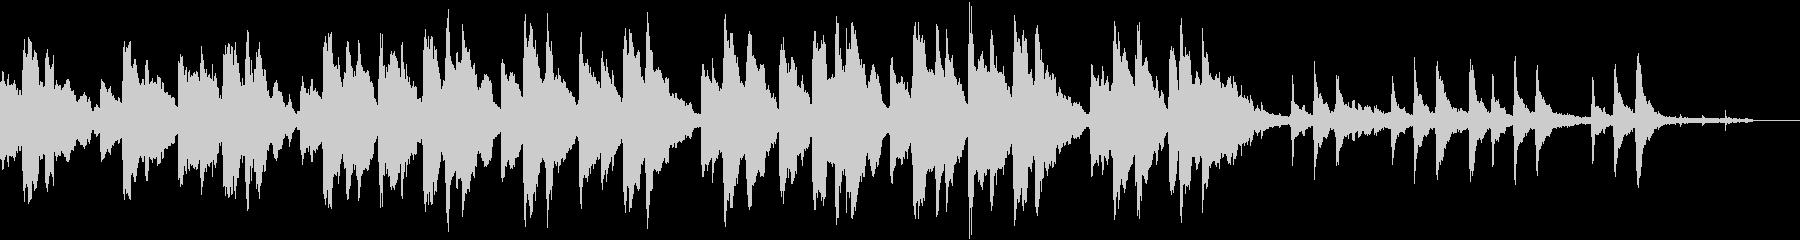 ピアノ中心の染み入るようなアンビエントの未再生の波形